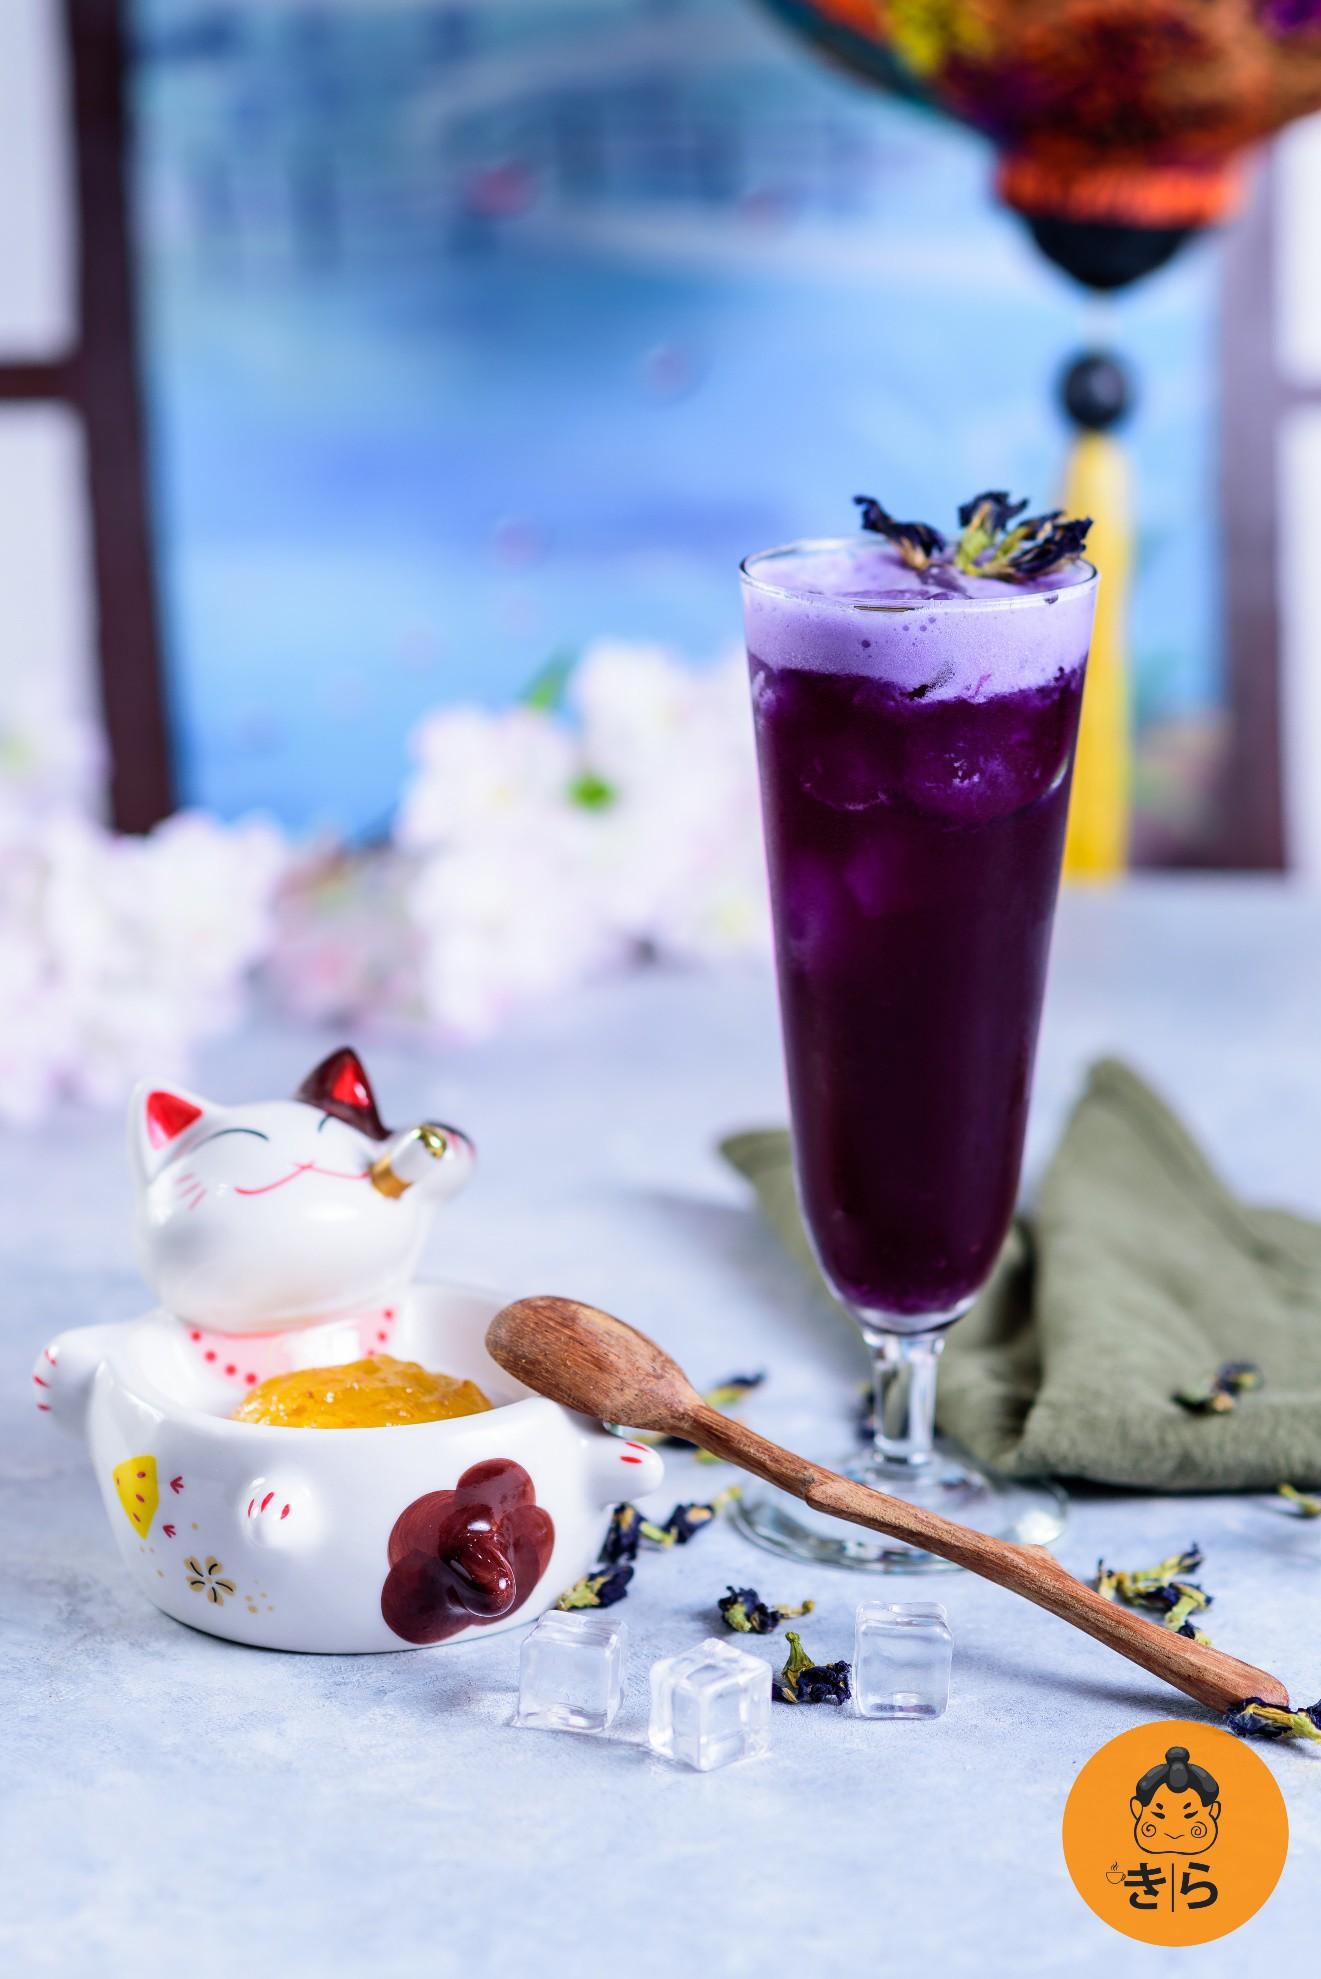 Hoàng Dũng The Voice, Dương Trần Nghĩa và FatB quẩy tưng bừng tại Kira Coffee & Lounge - Ảnh 7.